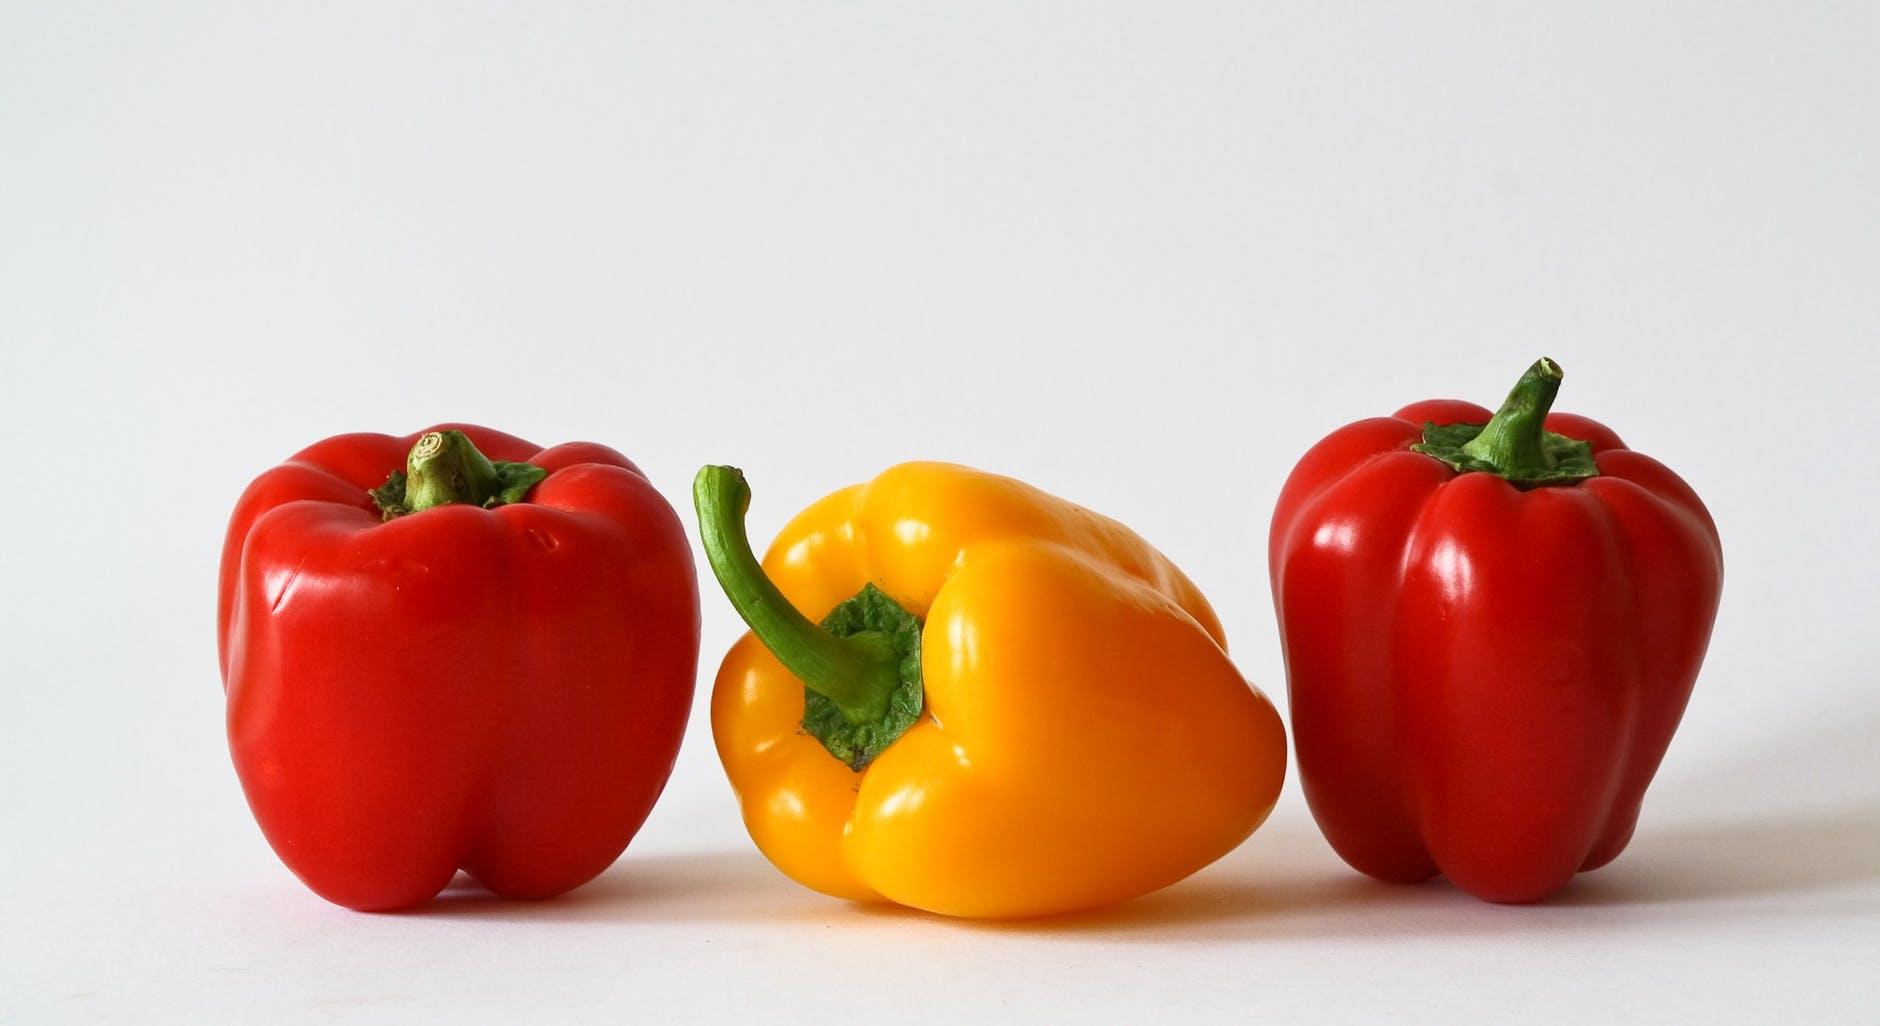 food healthy vegetables red